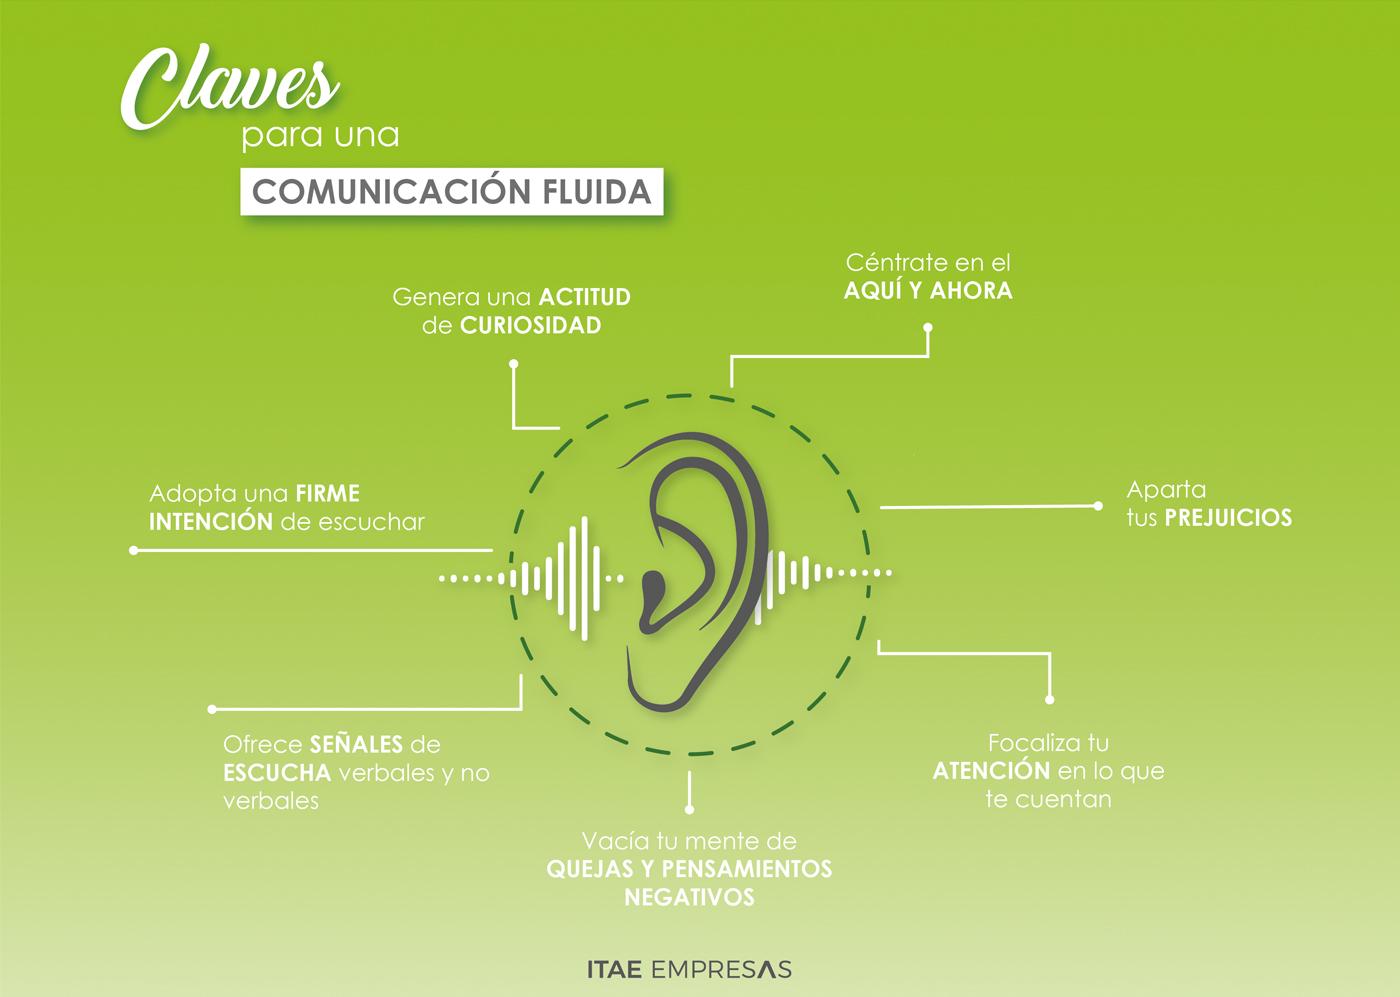 Claves para una comunicación fluida